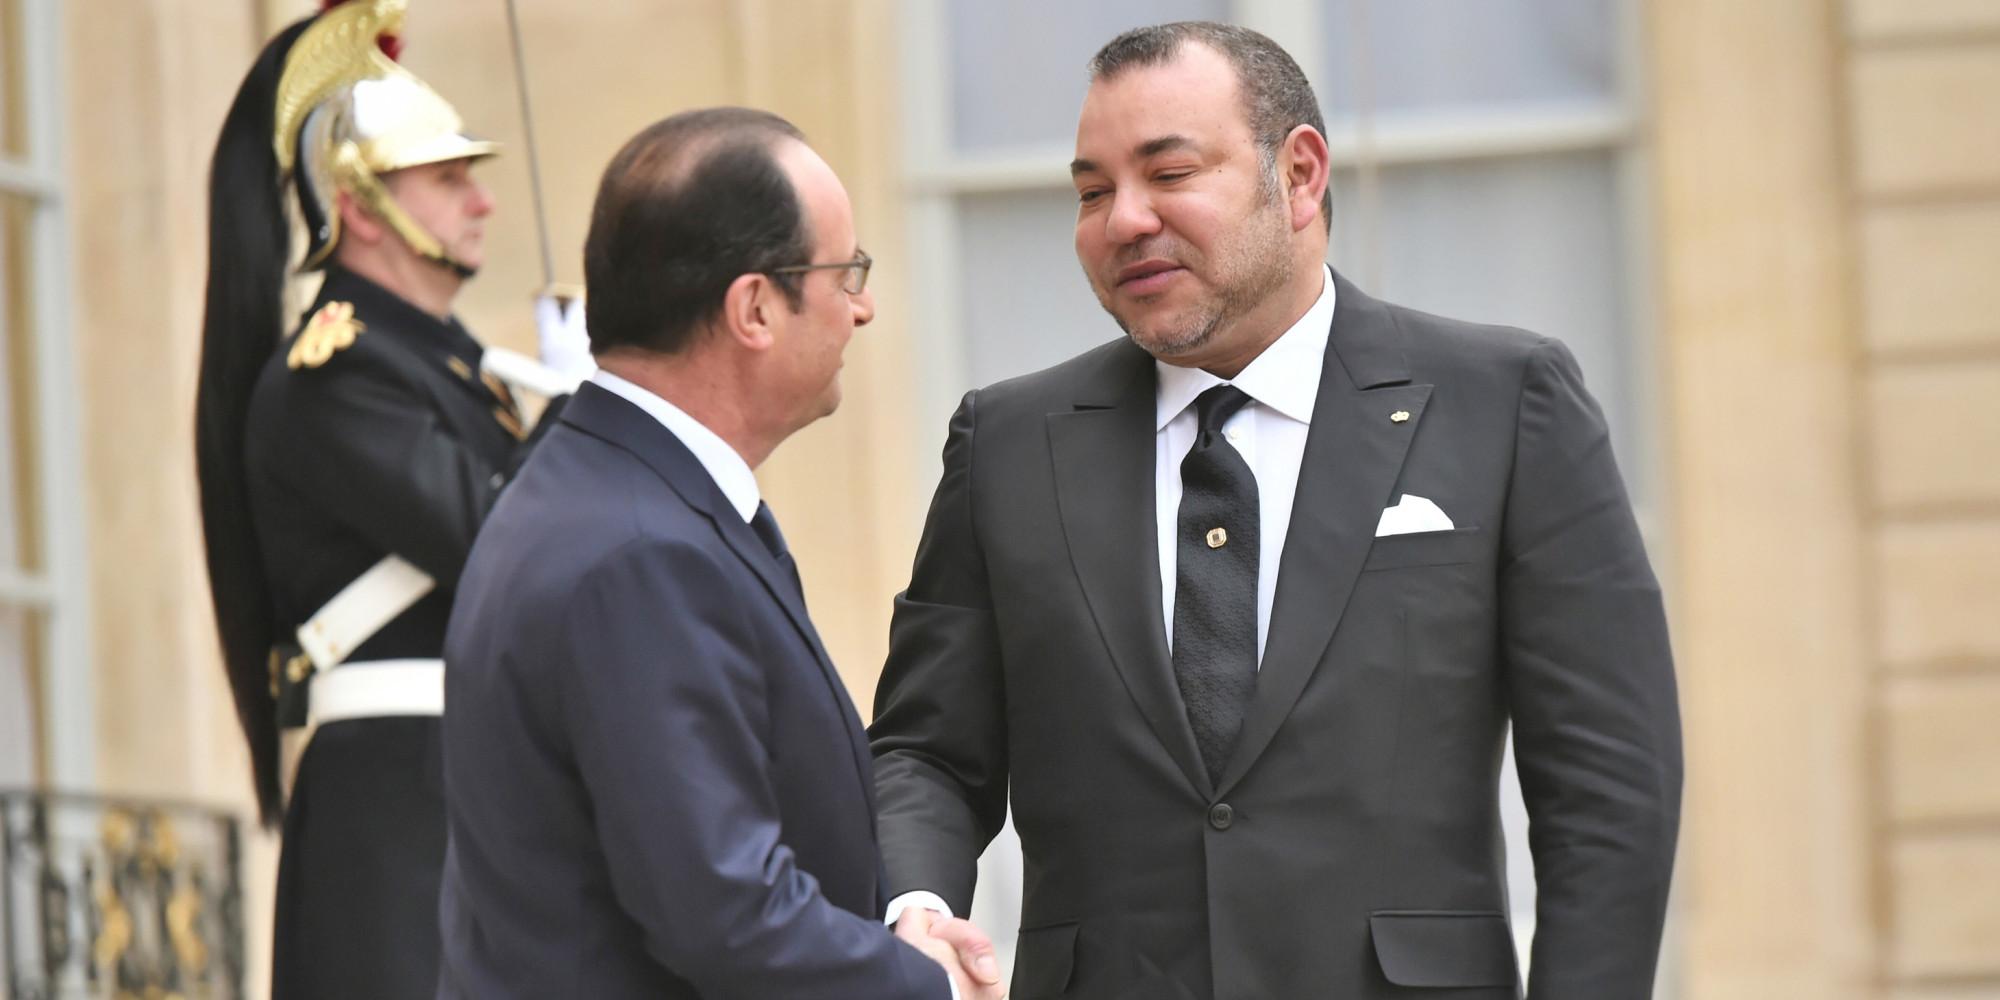 site rencontre marocain gratuit Épinay-sur-Seine